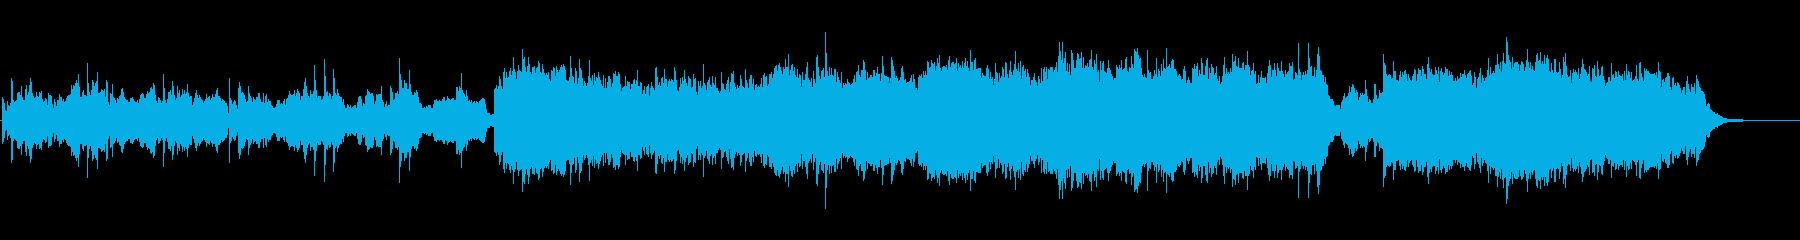 ピアノのフレーズが叙情的なサスペンスの再生済みの波形